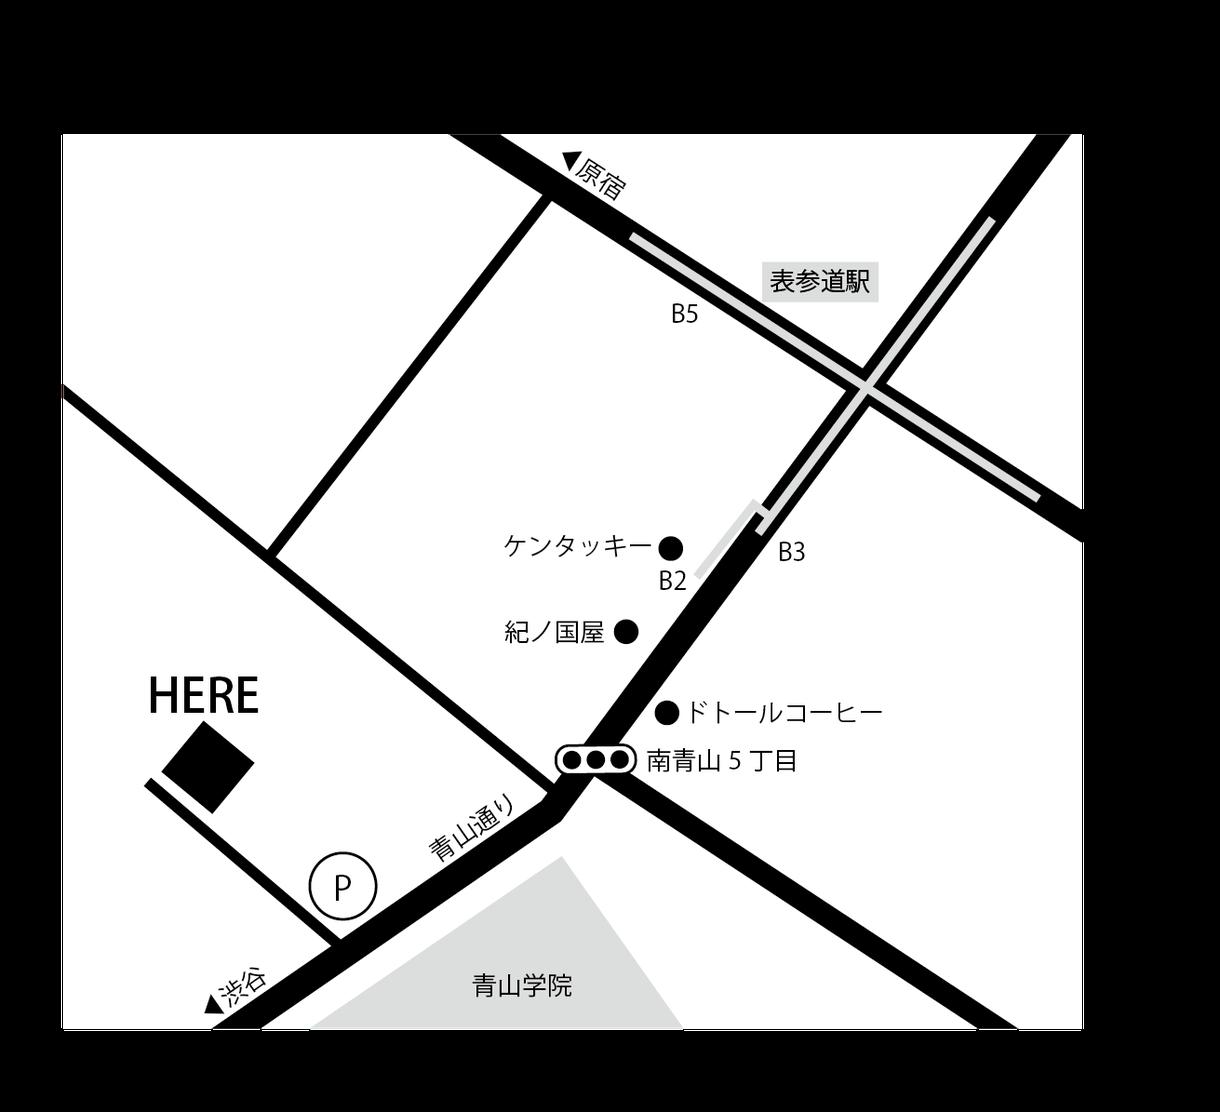 シンプルでスタイリッシュな地図を作ります チラシ、ショップカード、HPなどの地図が必要な方にオススメ